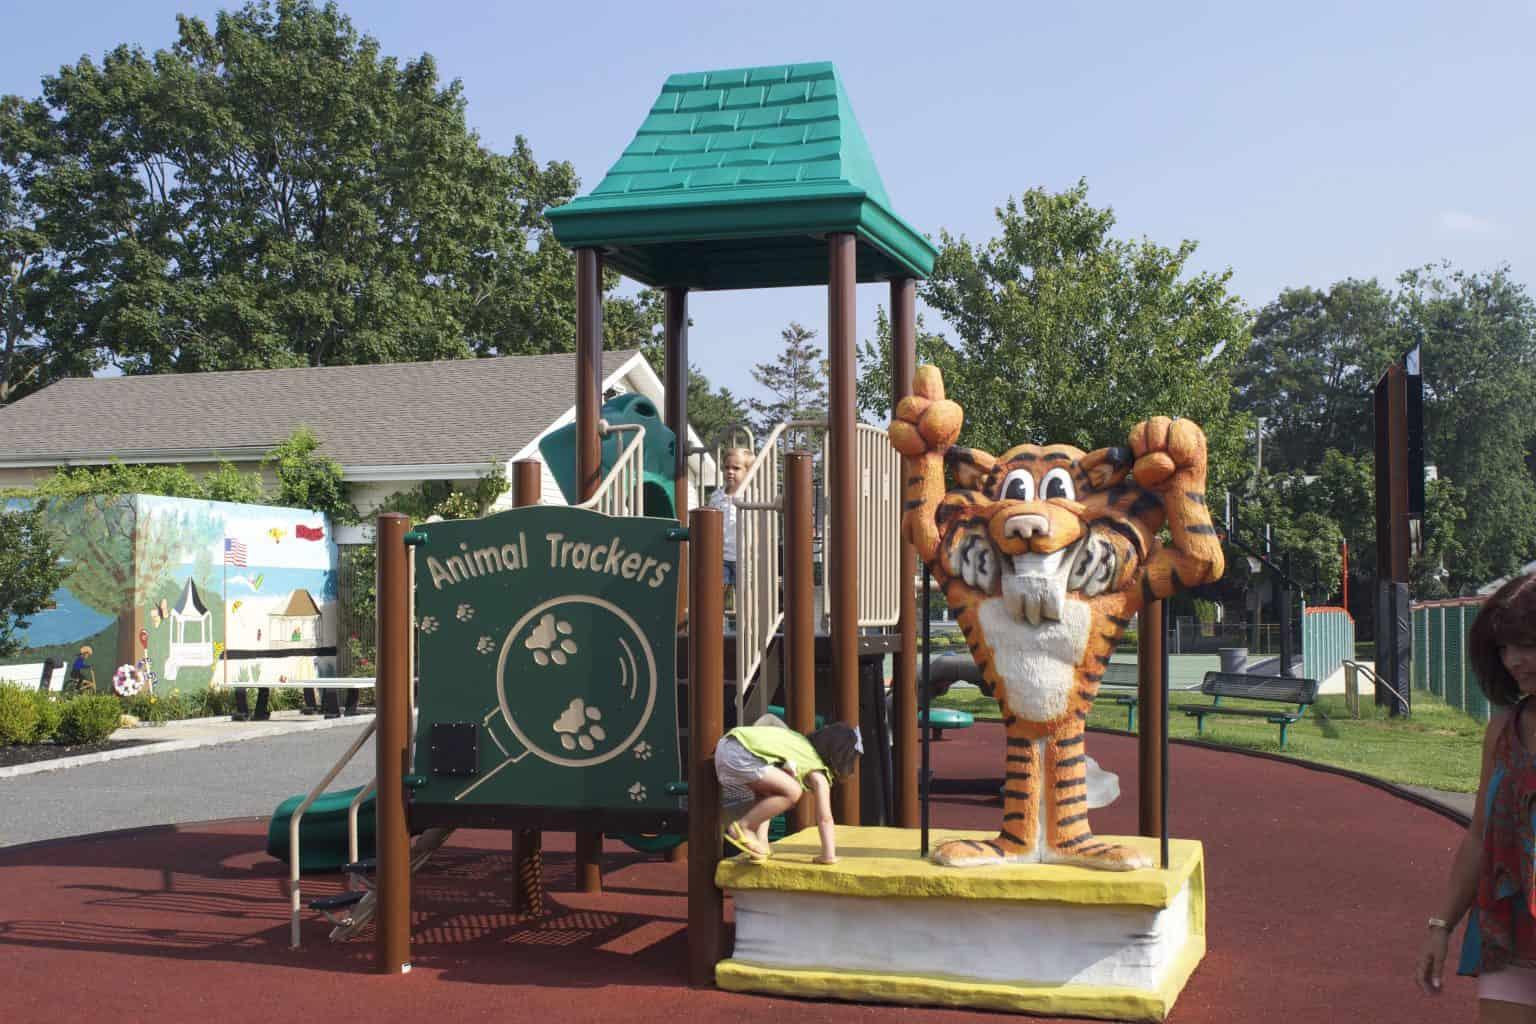 mountz-elementary-playground-spring-lake-nj_11653973643_o-1536x1024